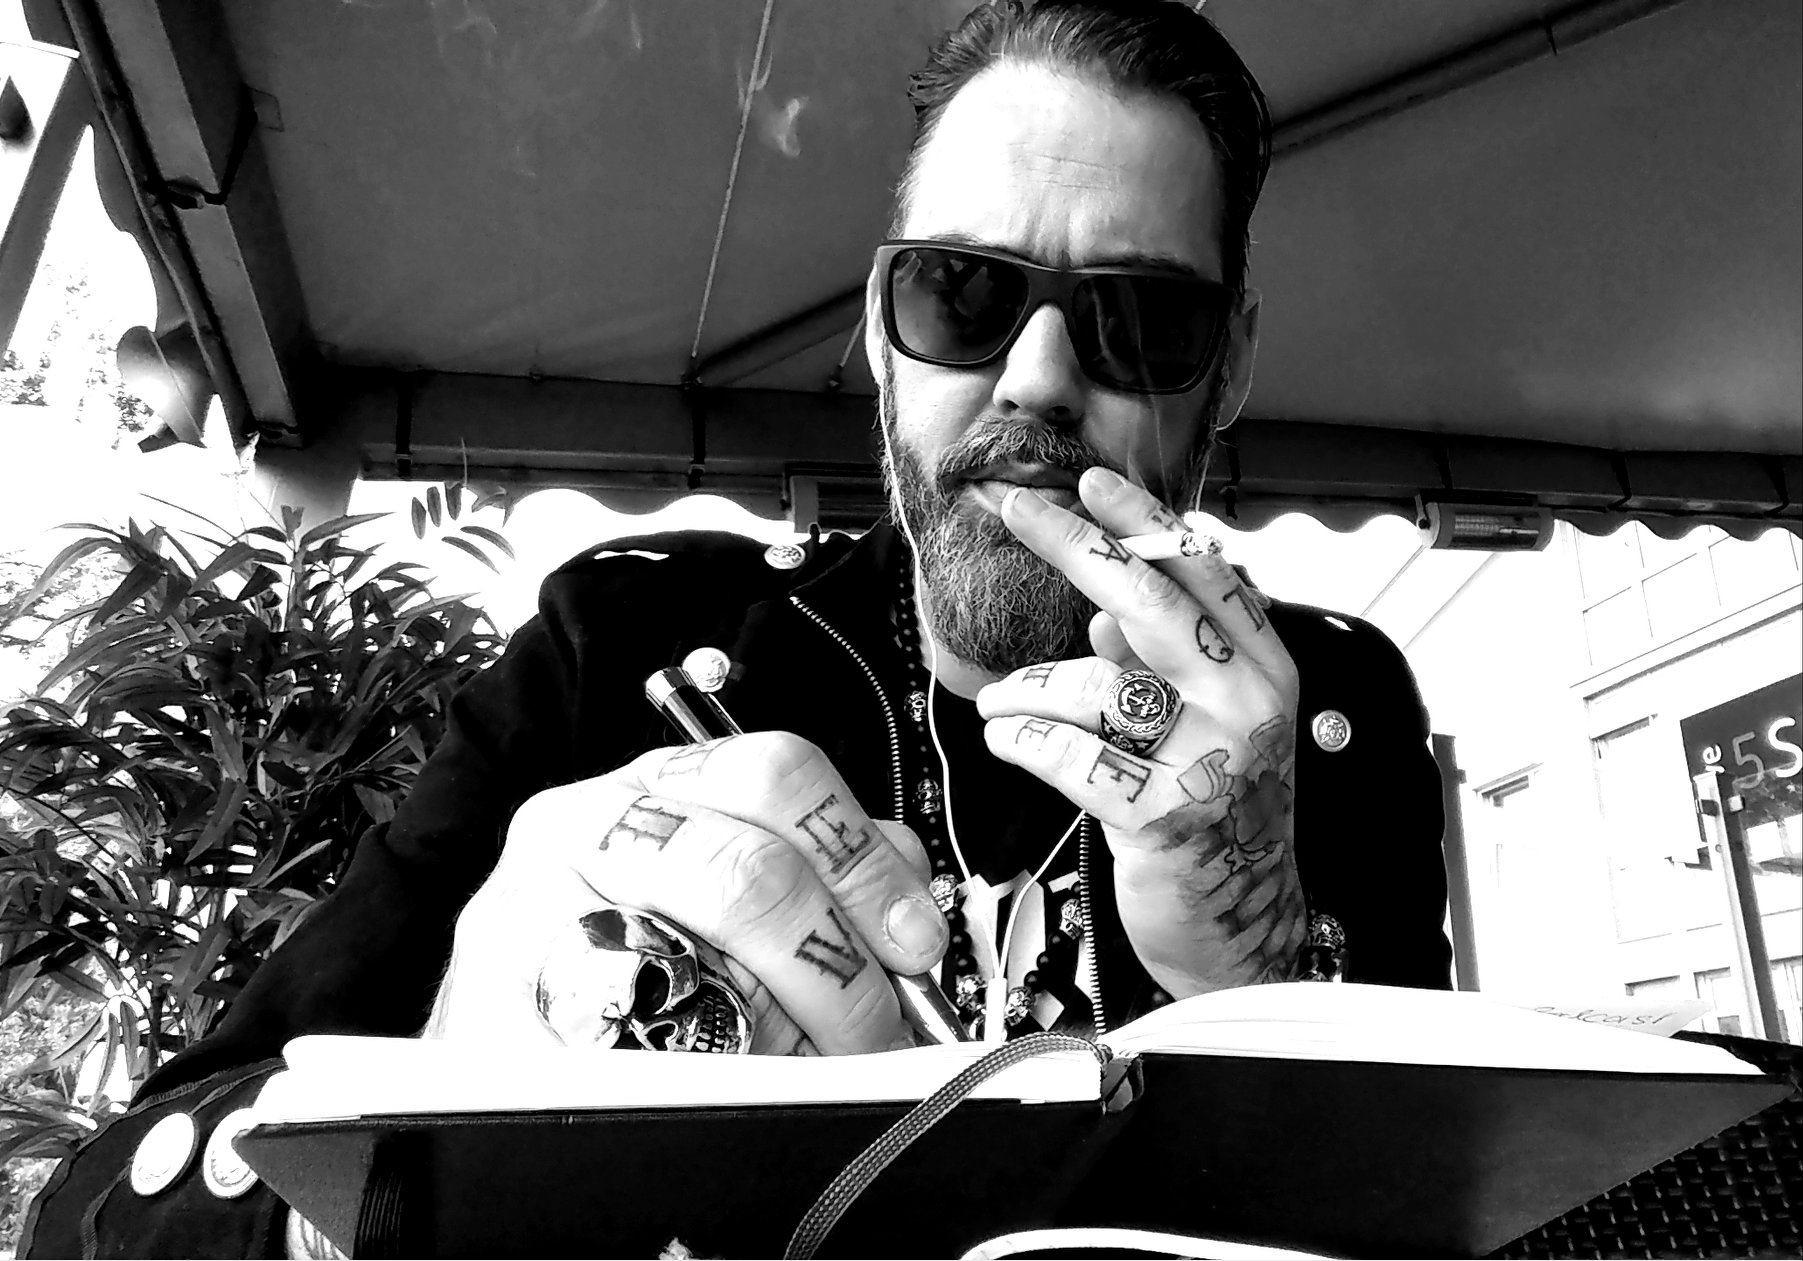 Ex-BTN-Star Theo ist ein nicht vorbildliches Vorbild: Ranndy Frahm im Interview über Hamburger Zeiten, Drogen & soziale Projekte!